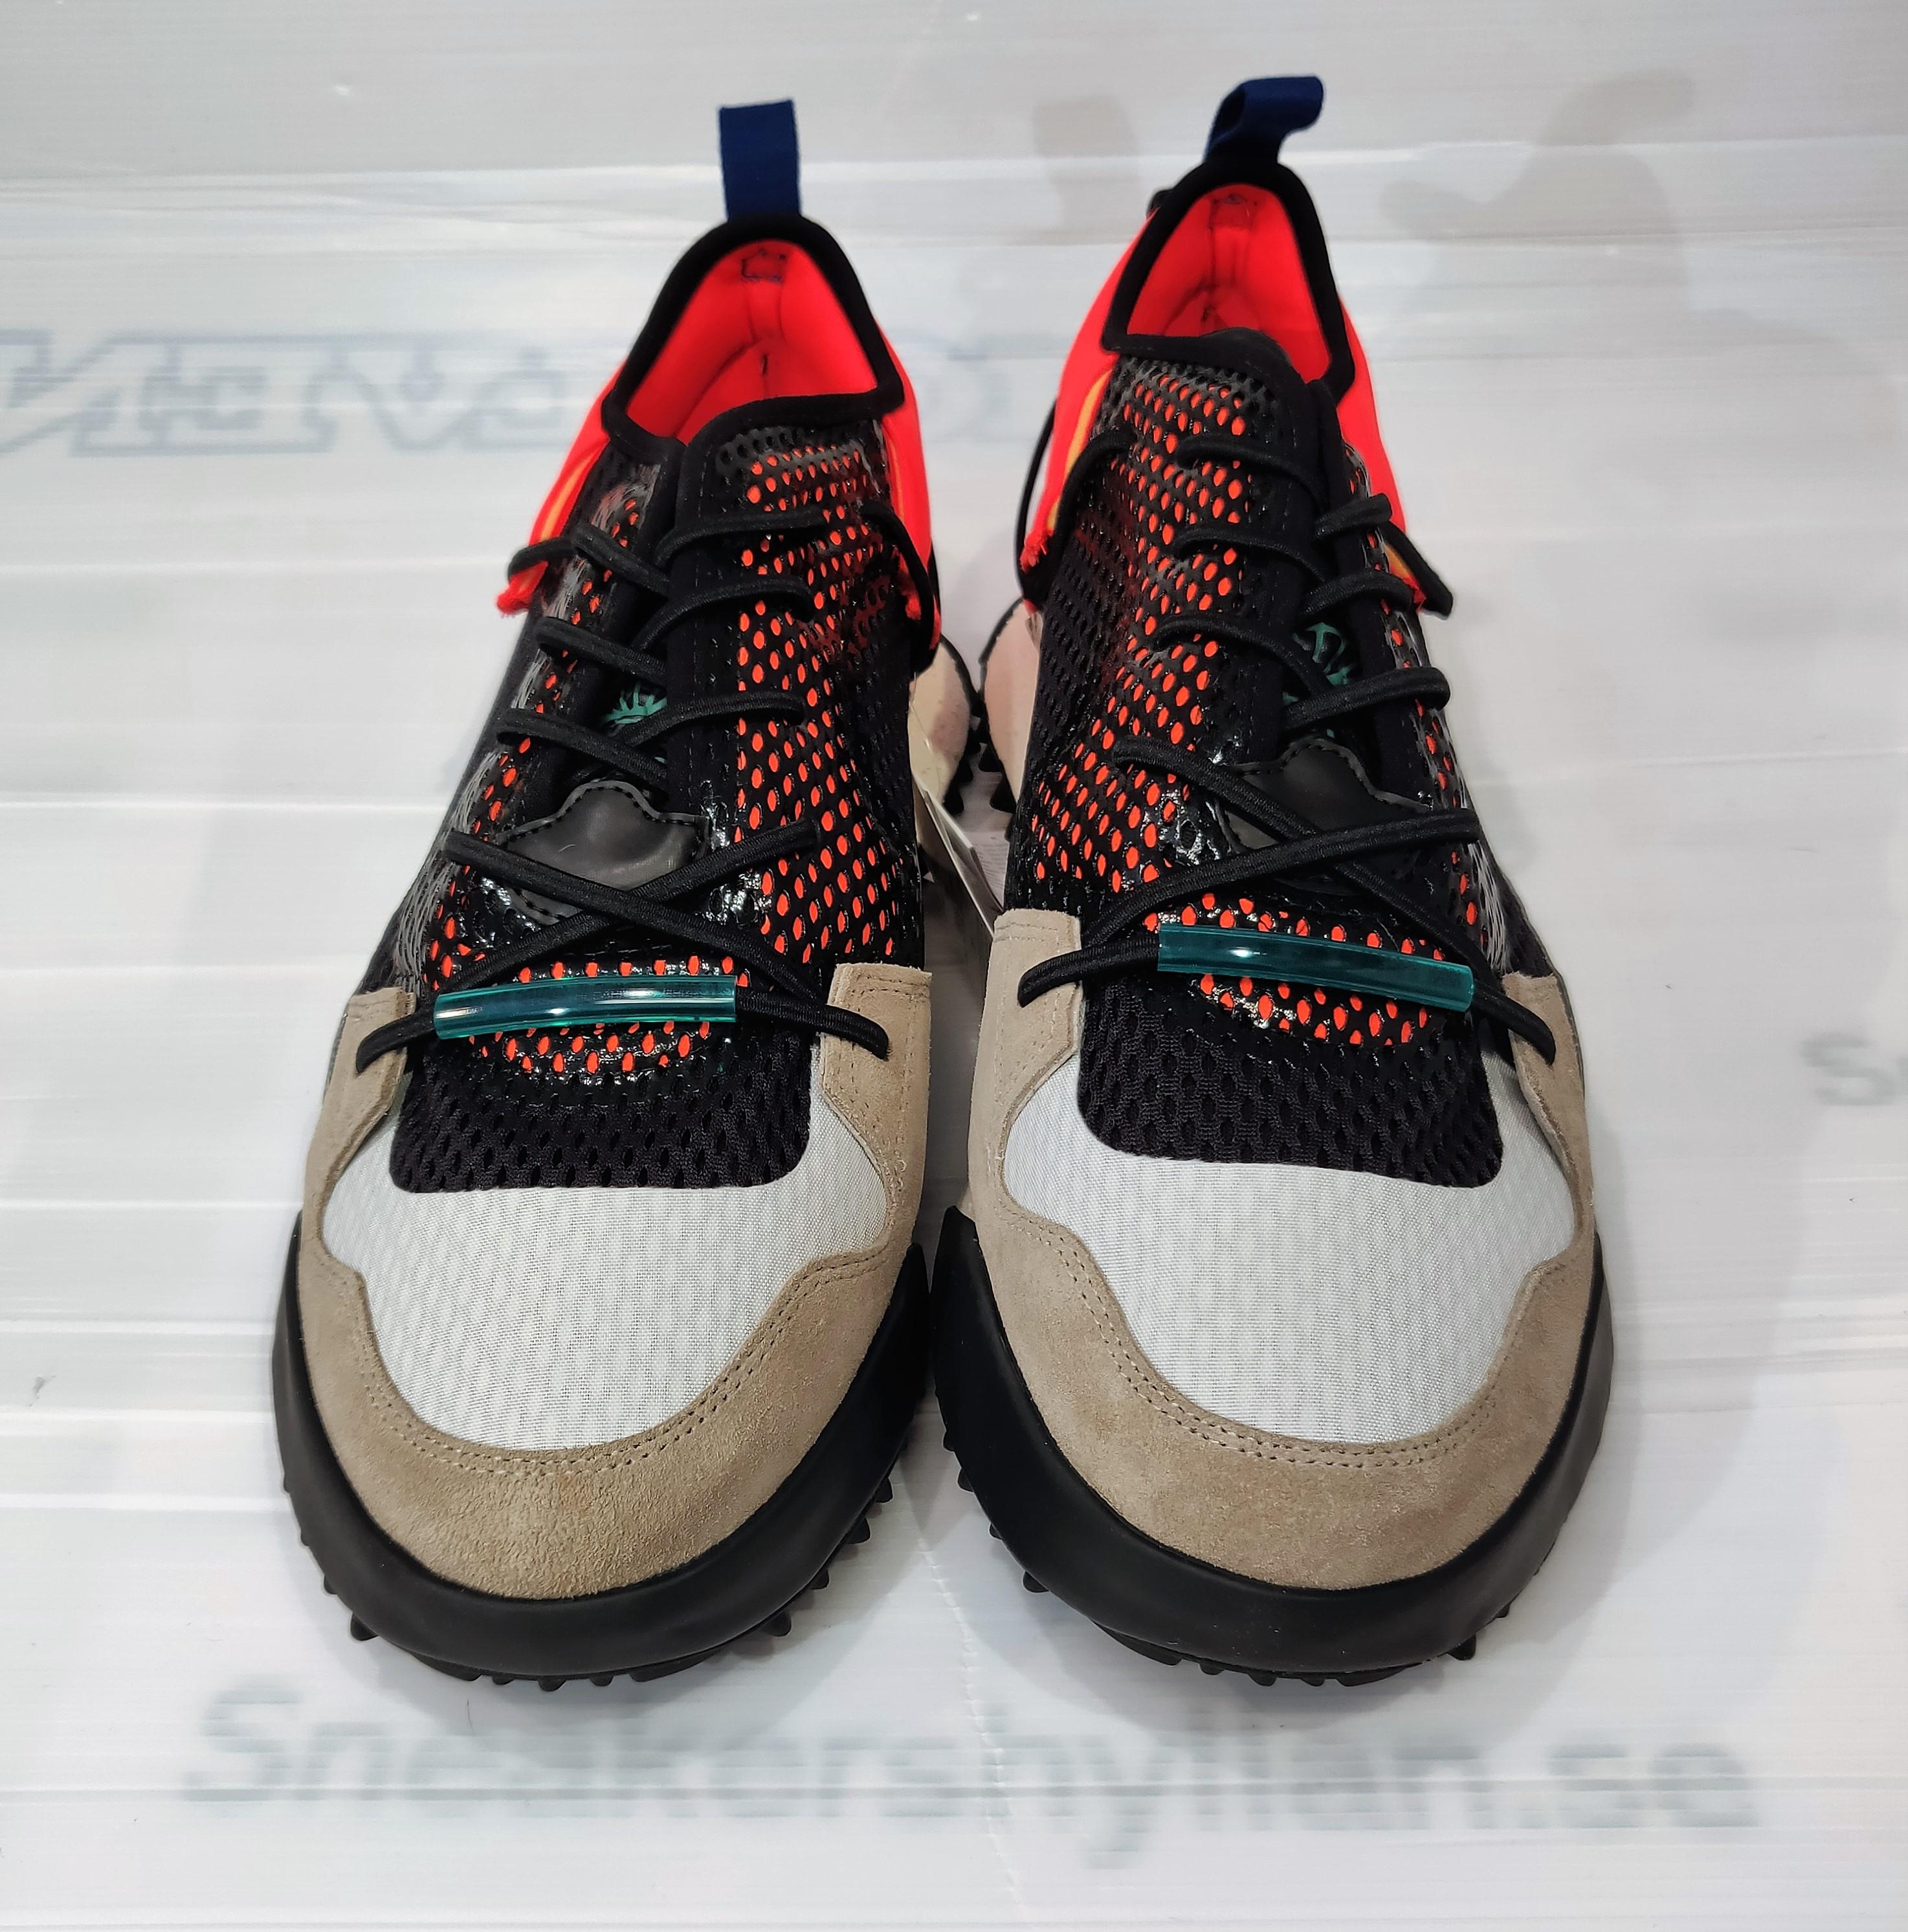 Adidas X Alexander Wang Reissue Run